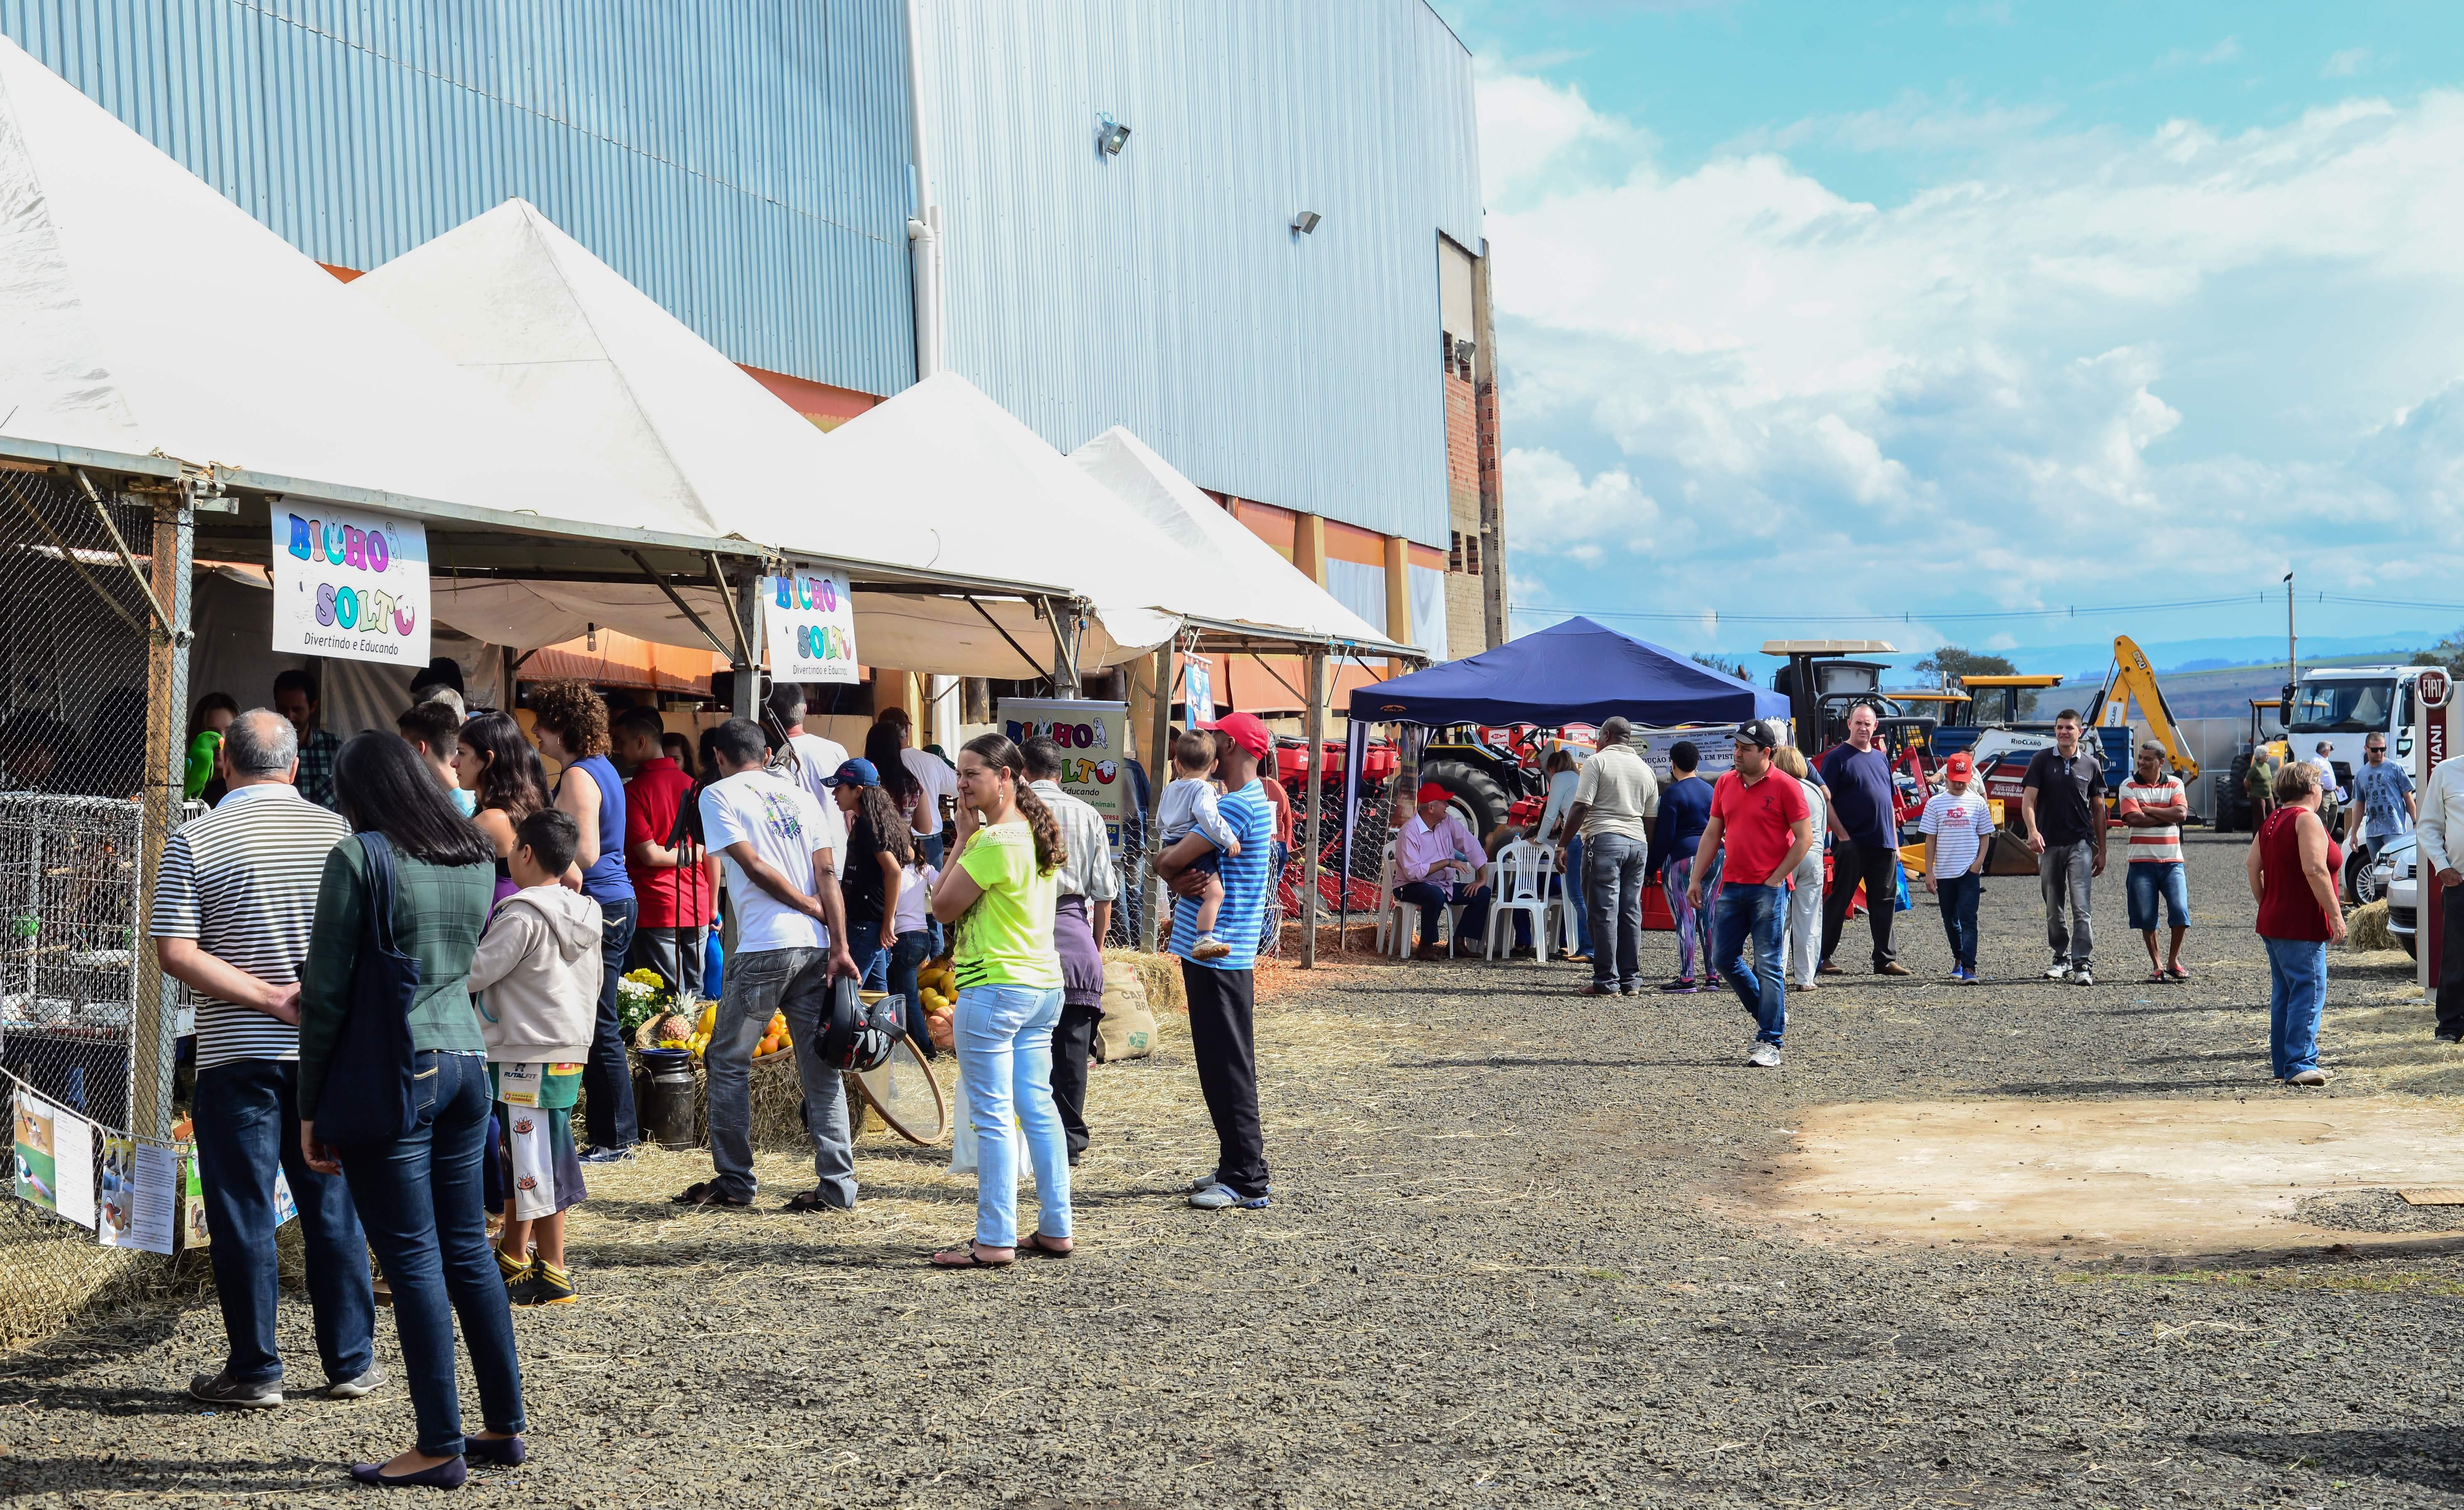 Festa do Produtor Rural deve reunir 10 mil pessoas no Sobradão nesse fim de semana